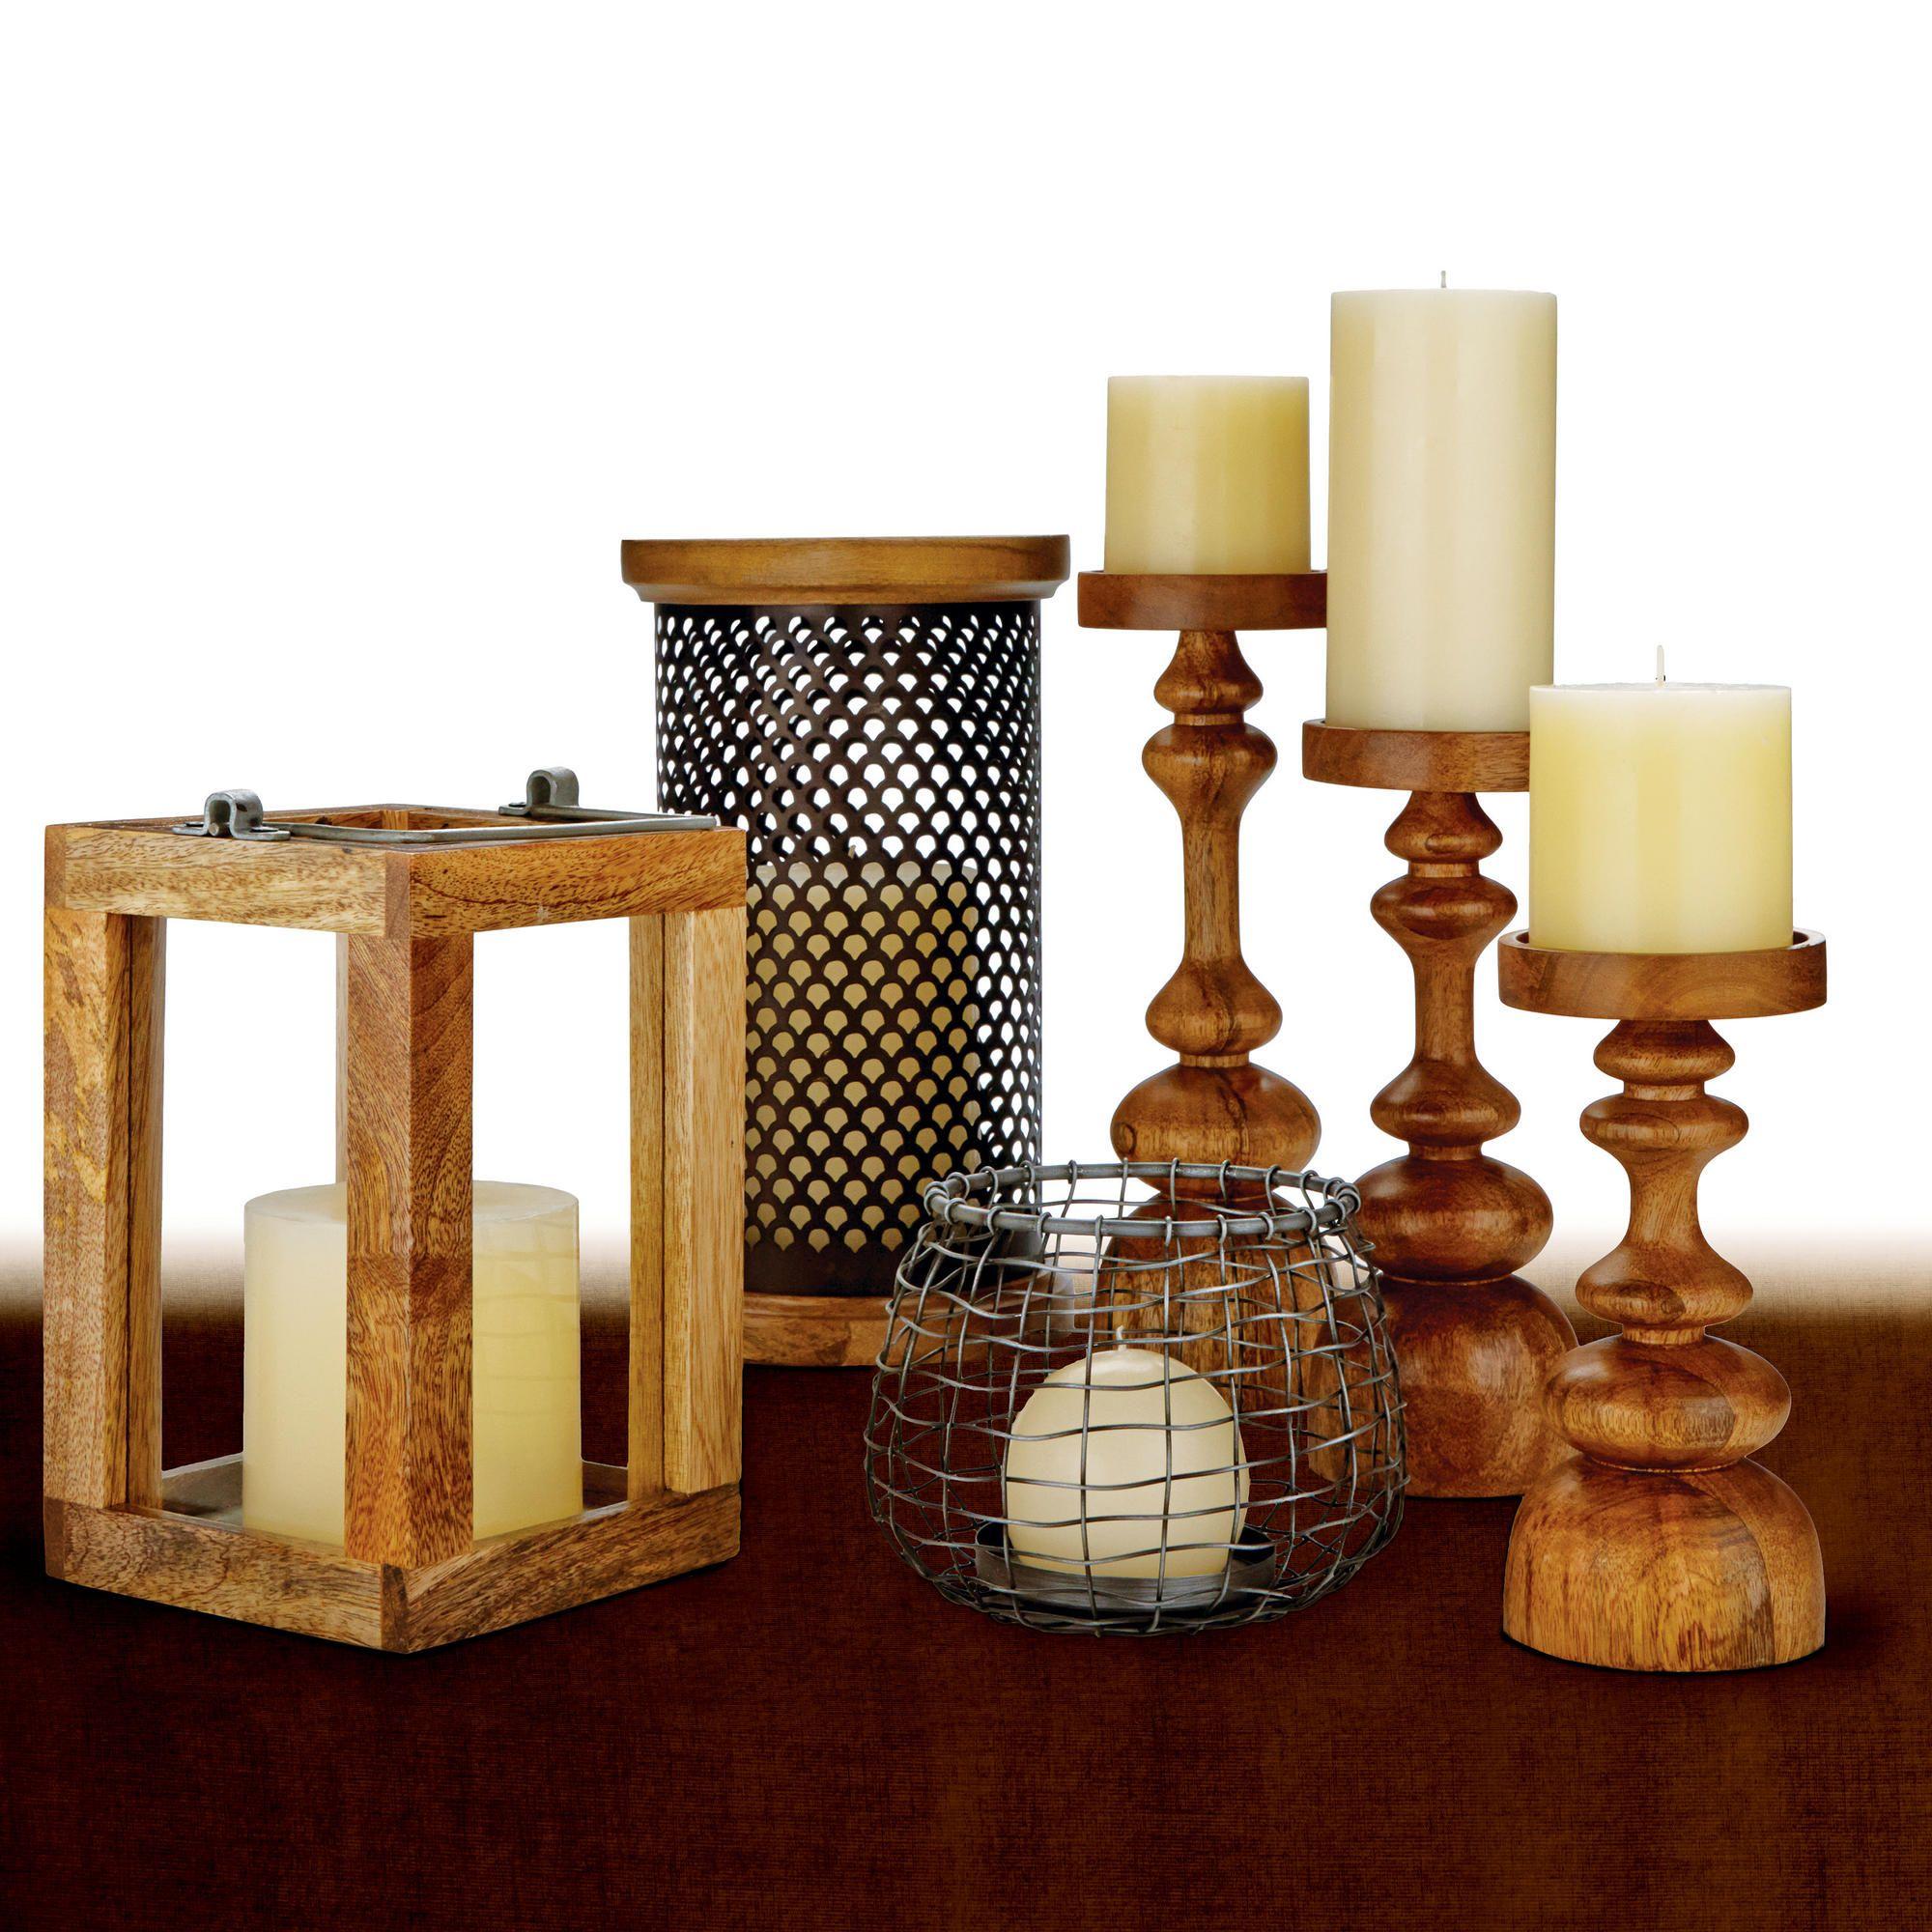 Recycled Wood Lantern Candleholder World Market